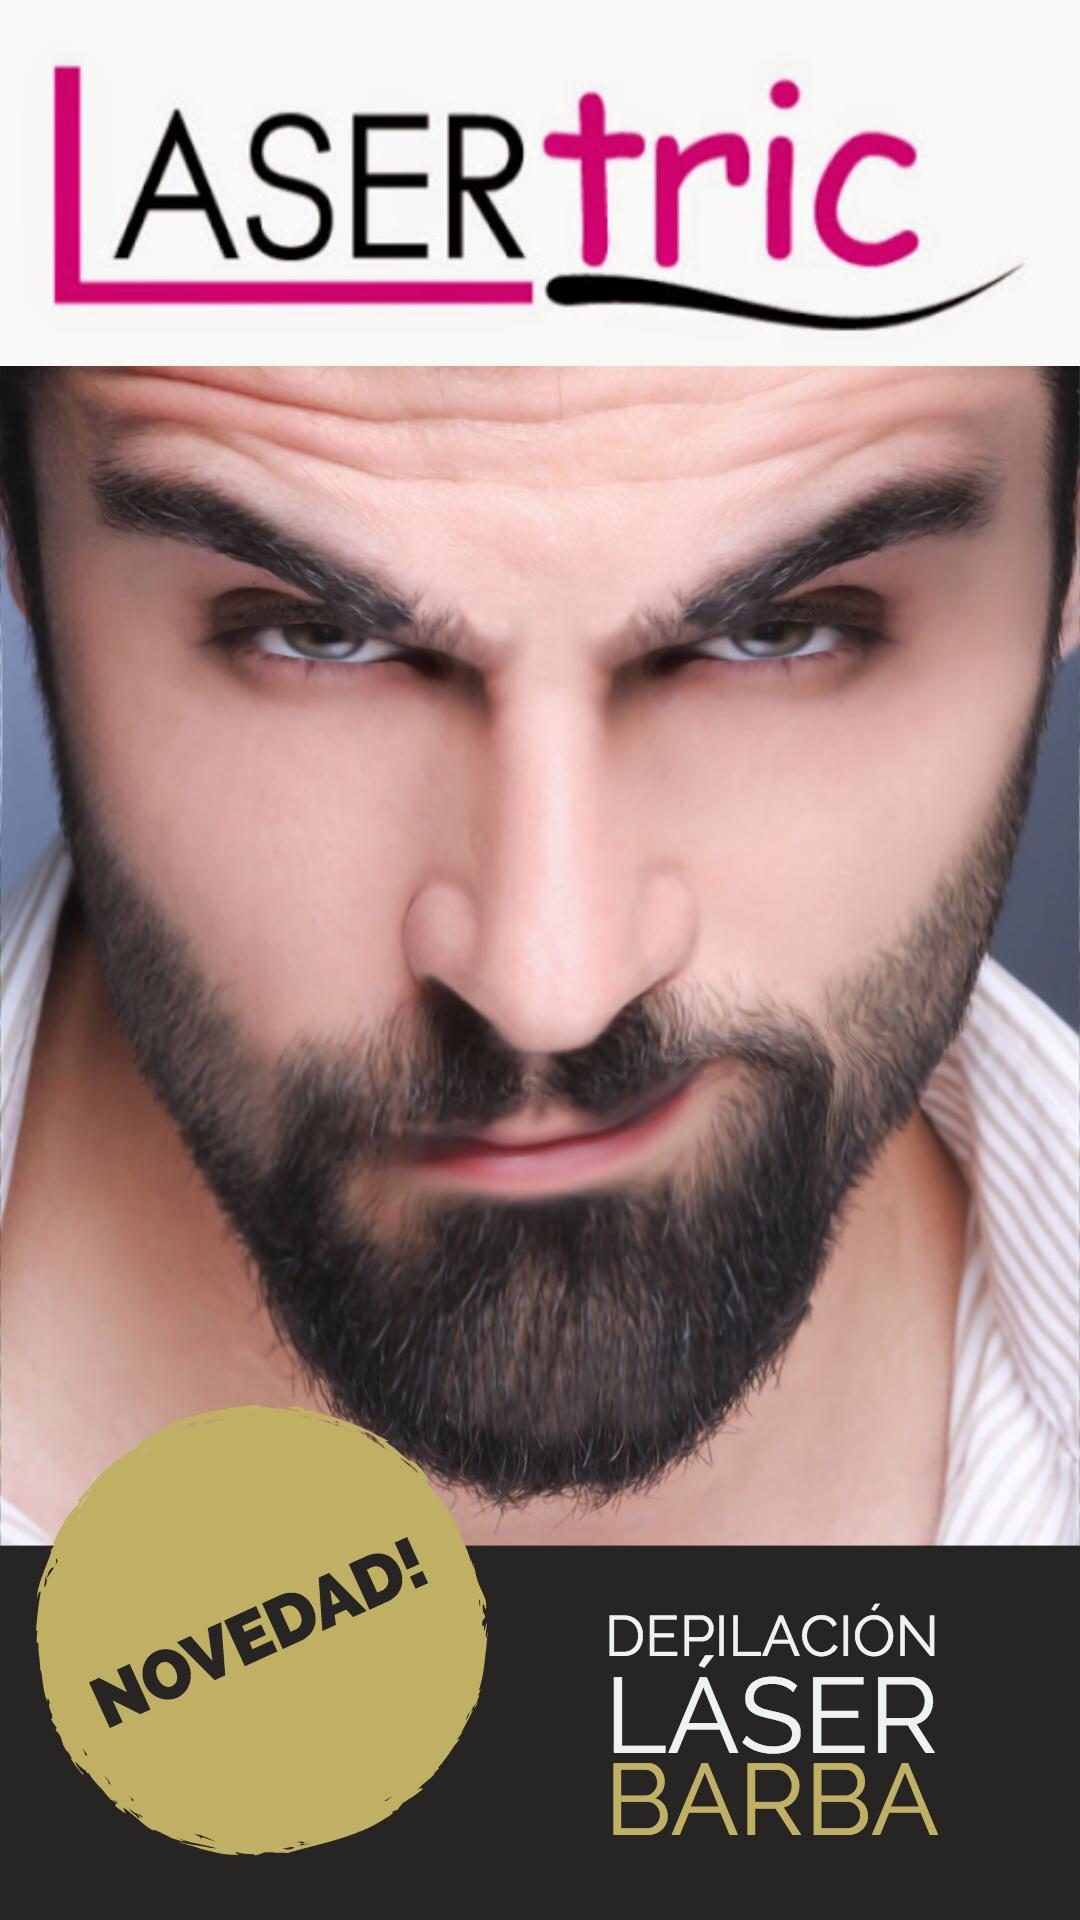 depilación láser en la barba para hombres